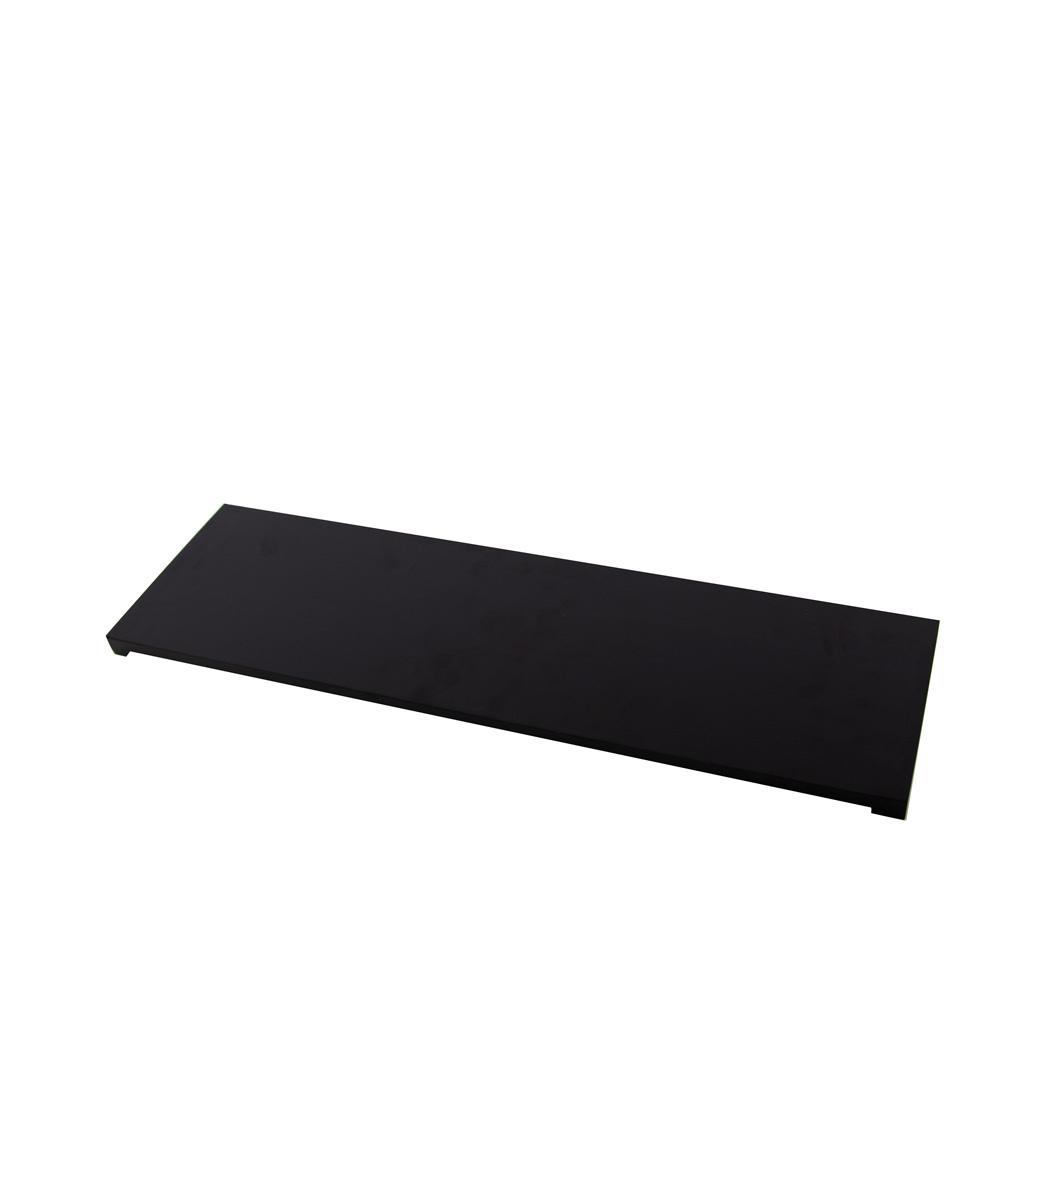 Wooden shelf - Schwarz-2